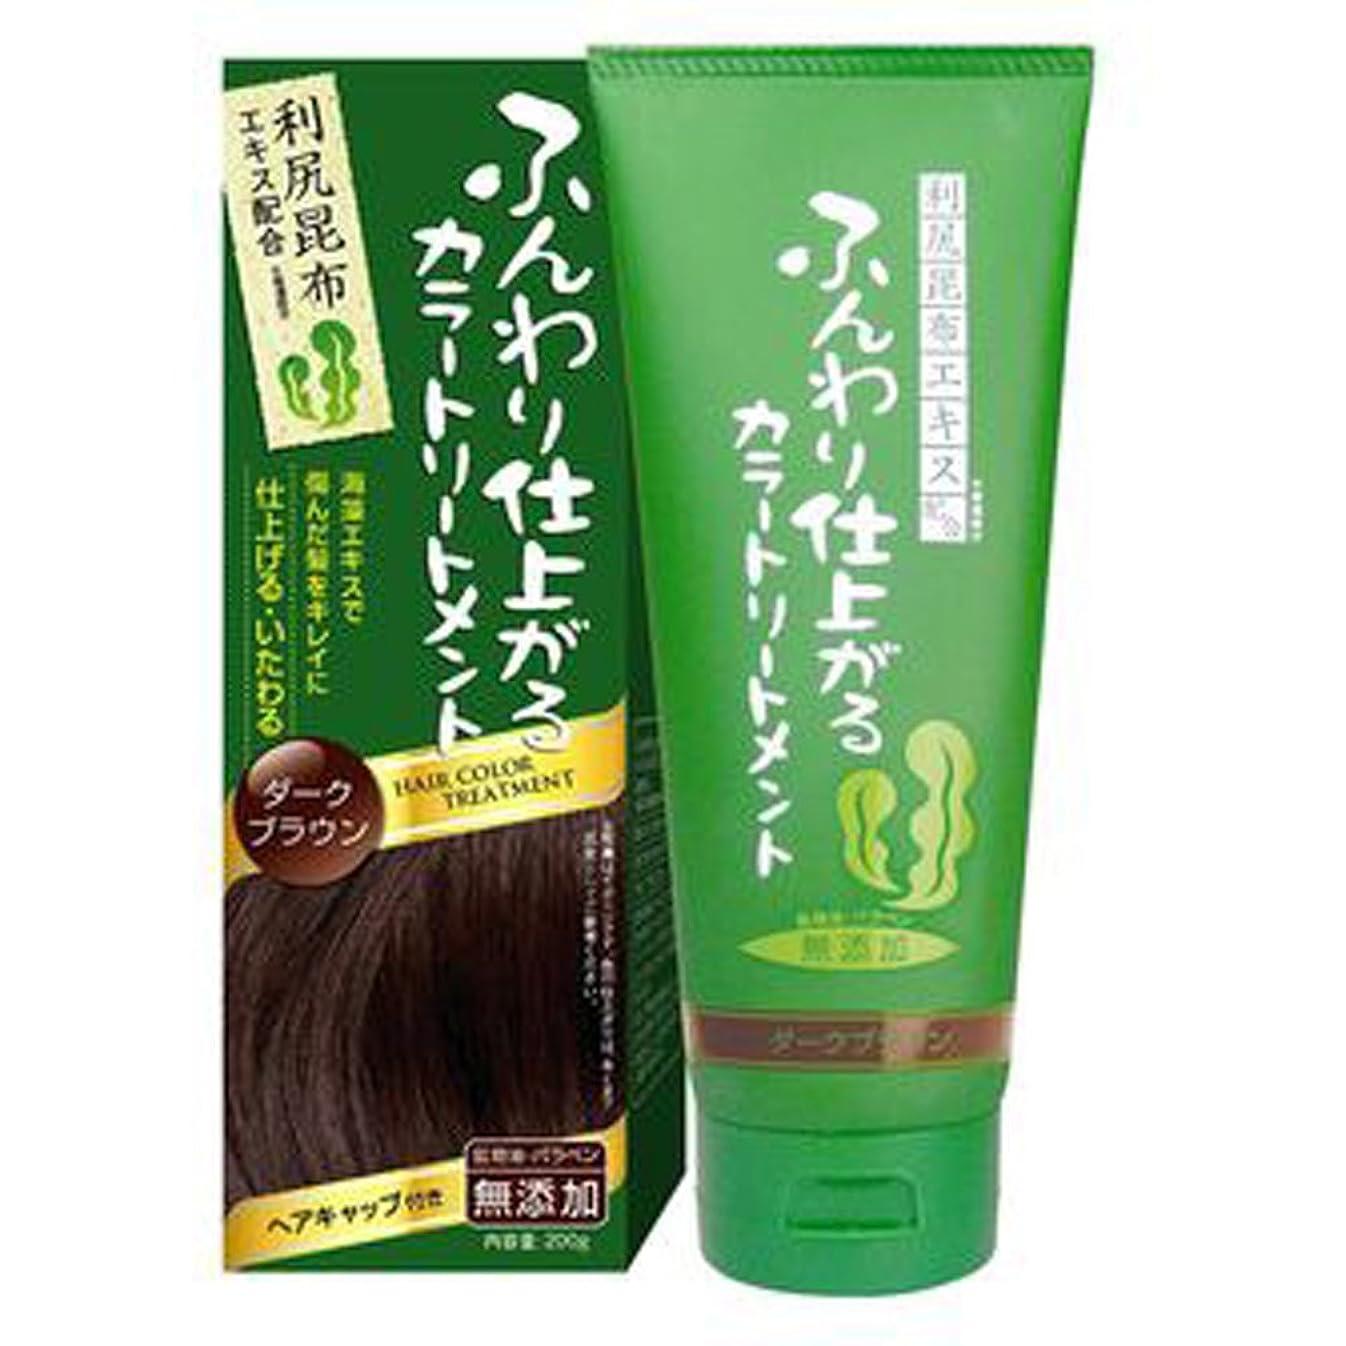 スラダム優越飢饉ふんわり仕上がるカラートリートメント 白髪 染め 保湿 利尻昆布エキス配合 ヘアカラー (200g ダークブラウン) rishiri-haircolor-200g-dbr